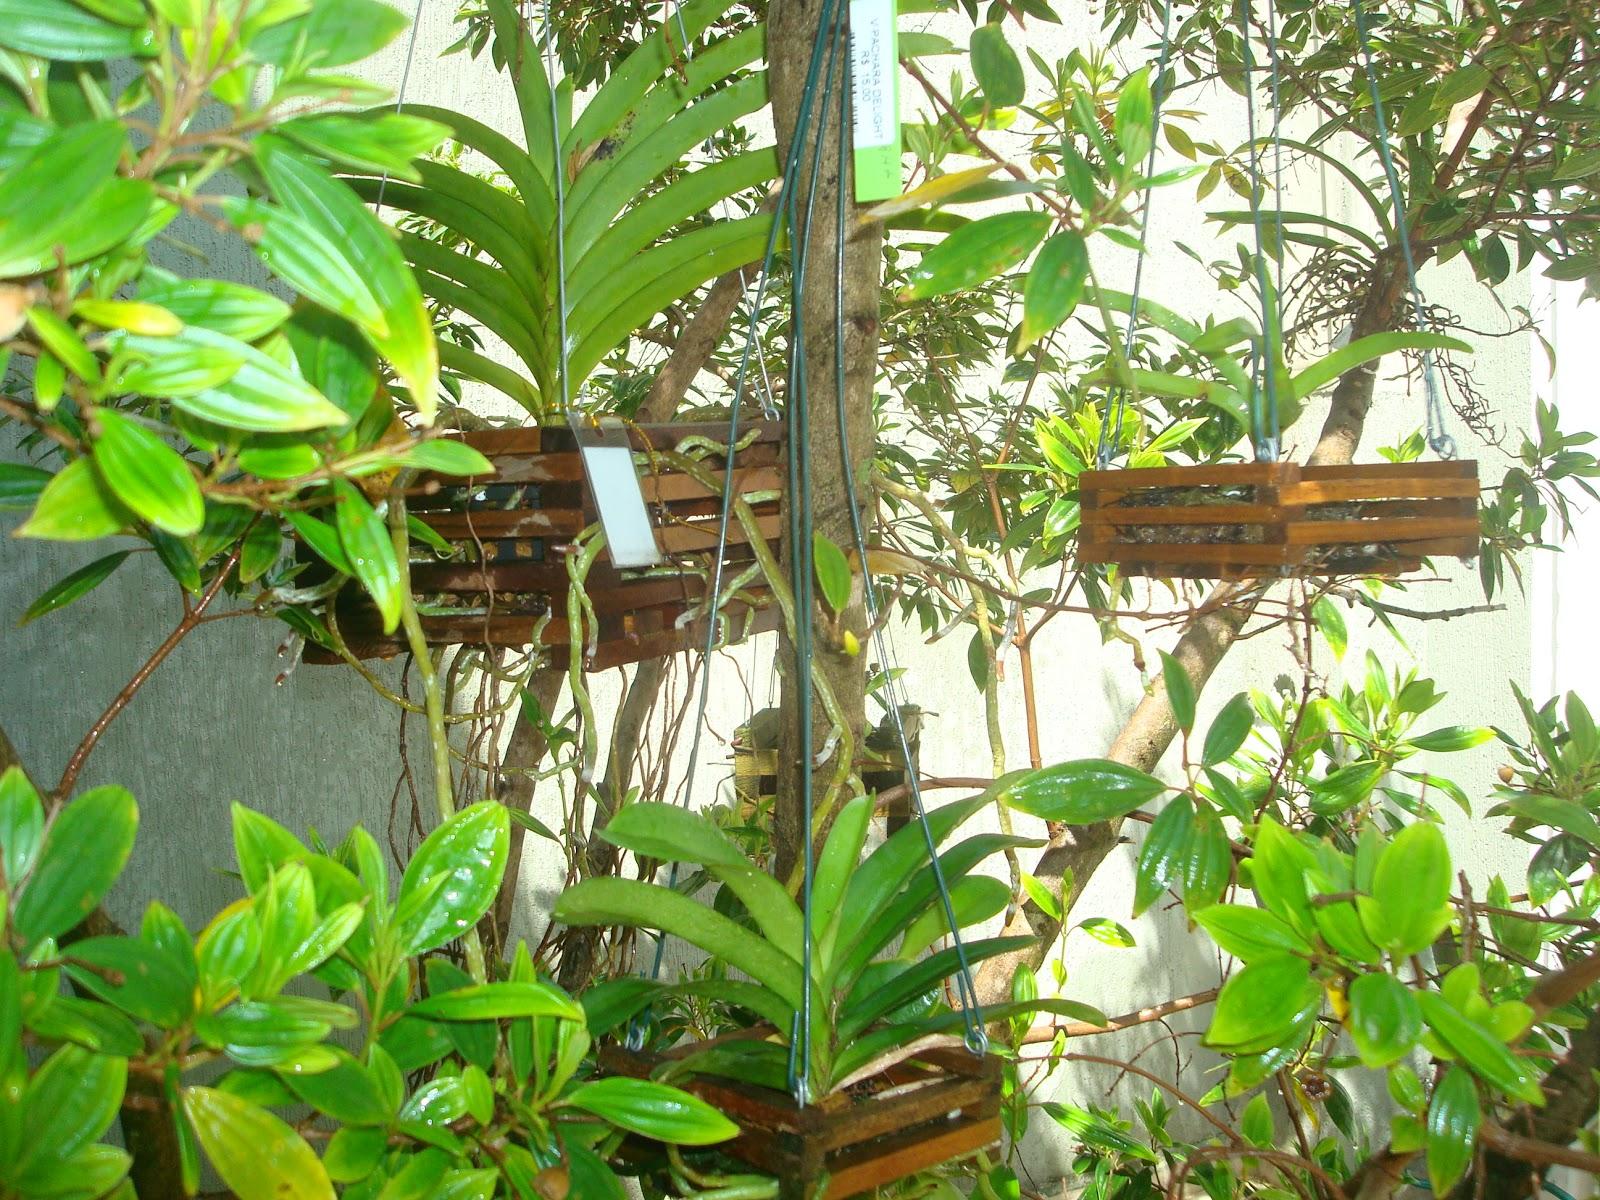 #94B417 Minhas Vandas espalhadas pelo Pé de Manacá da Serra 1600x1200 px caixas de madeira para orquideas @ bernauer.info Móveis Antigos Novos E Usados Online